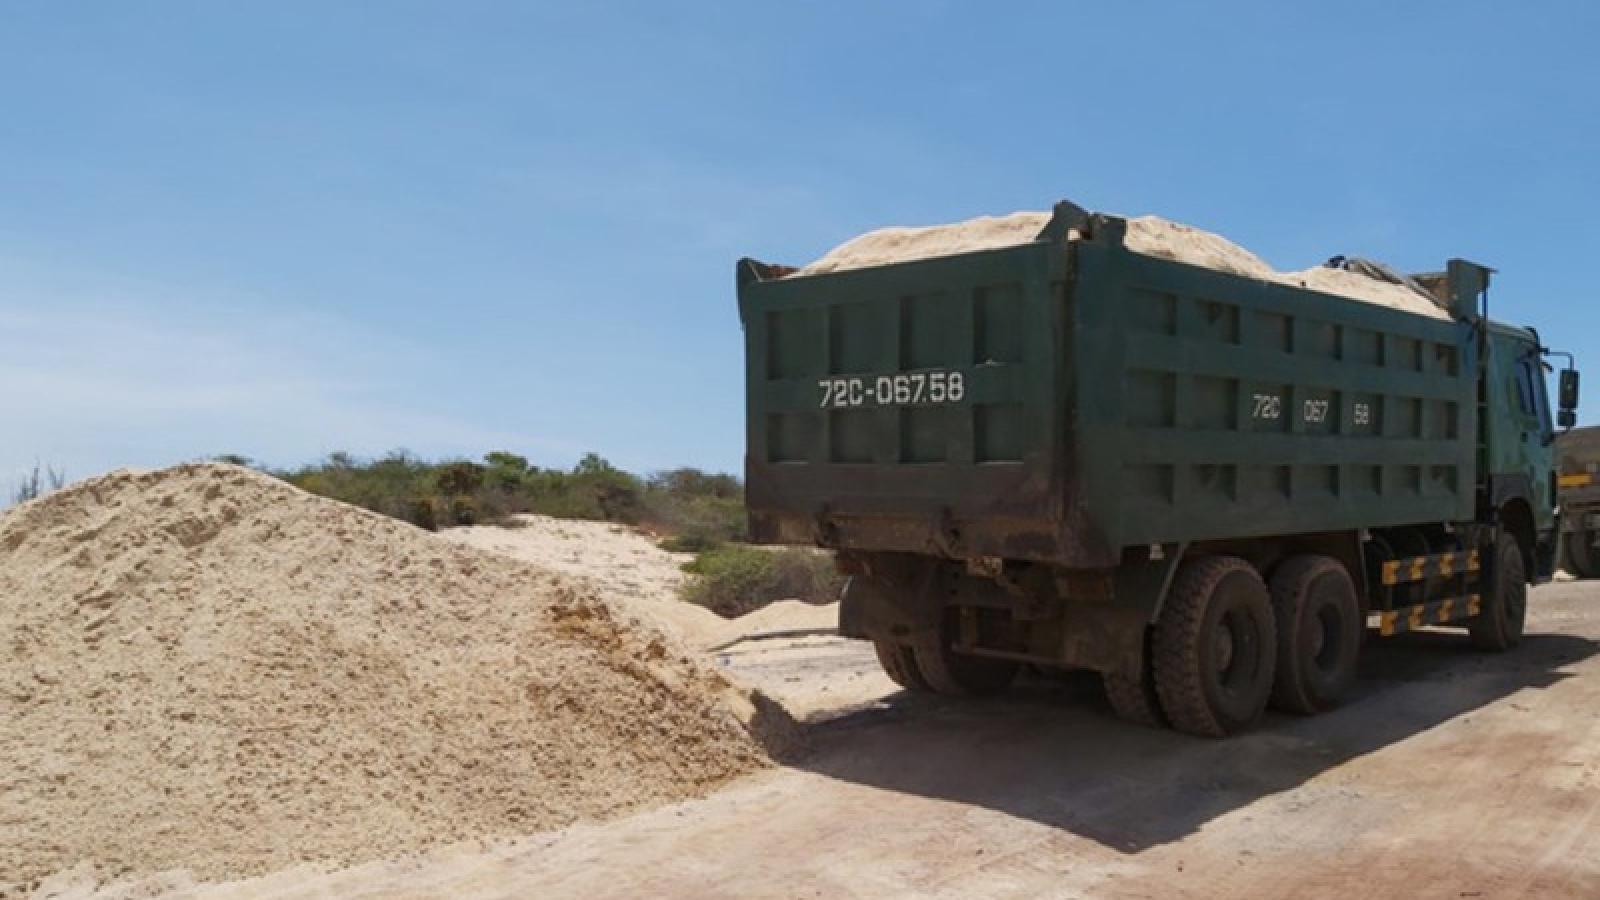 Lợi dụng việc dọn dẹp mặt bằng để khai thác cát trái phép